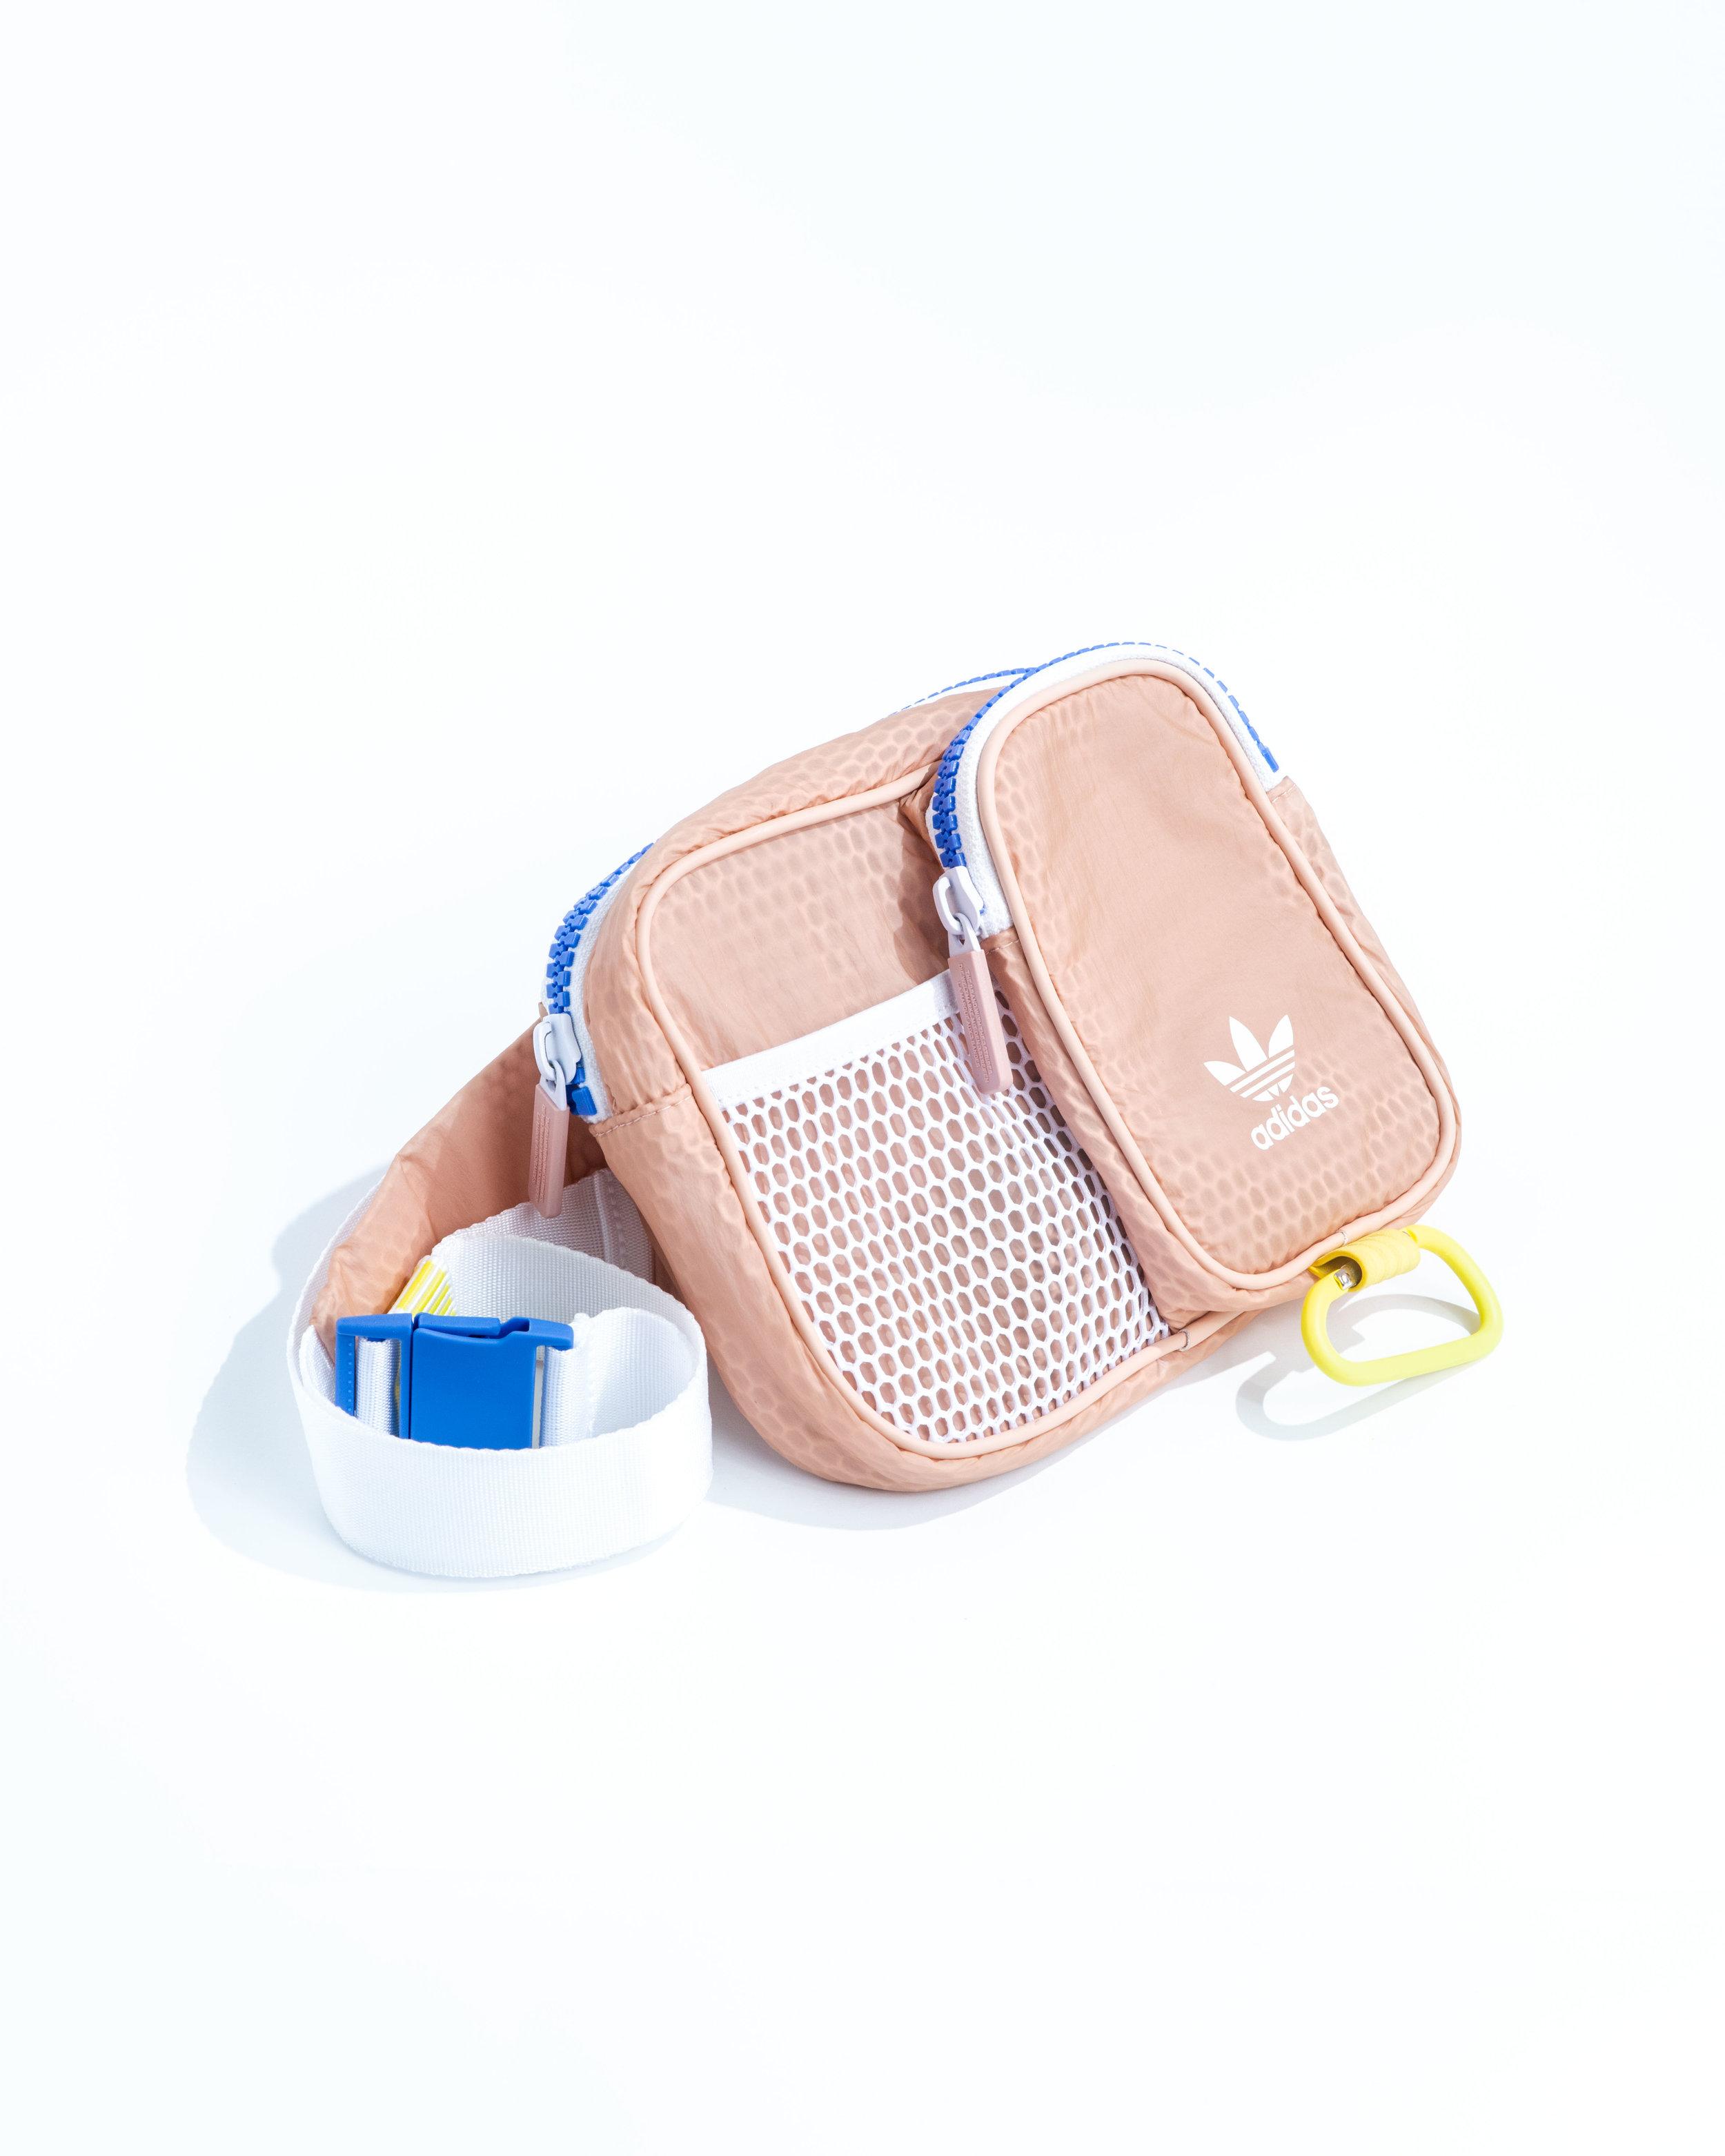 AdidasPouch-1.JPG